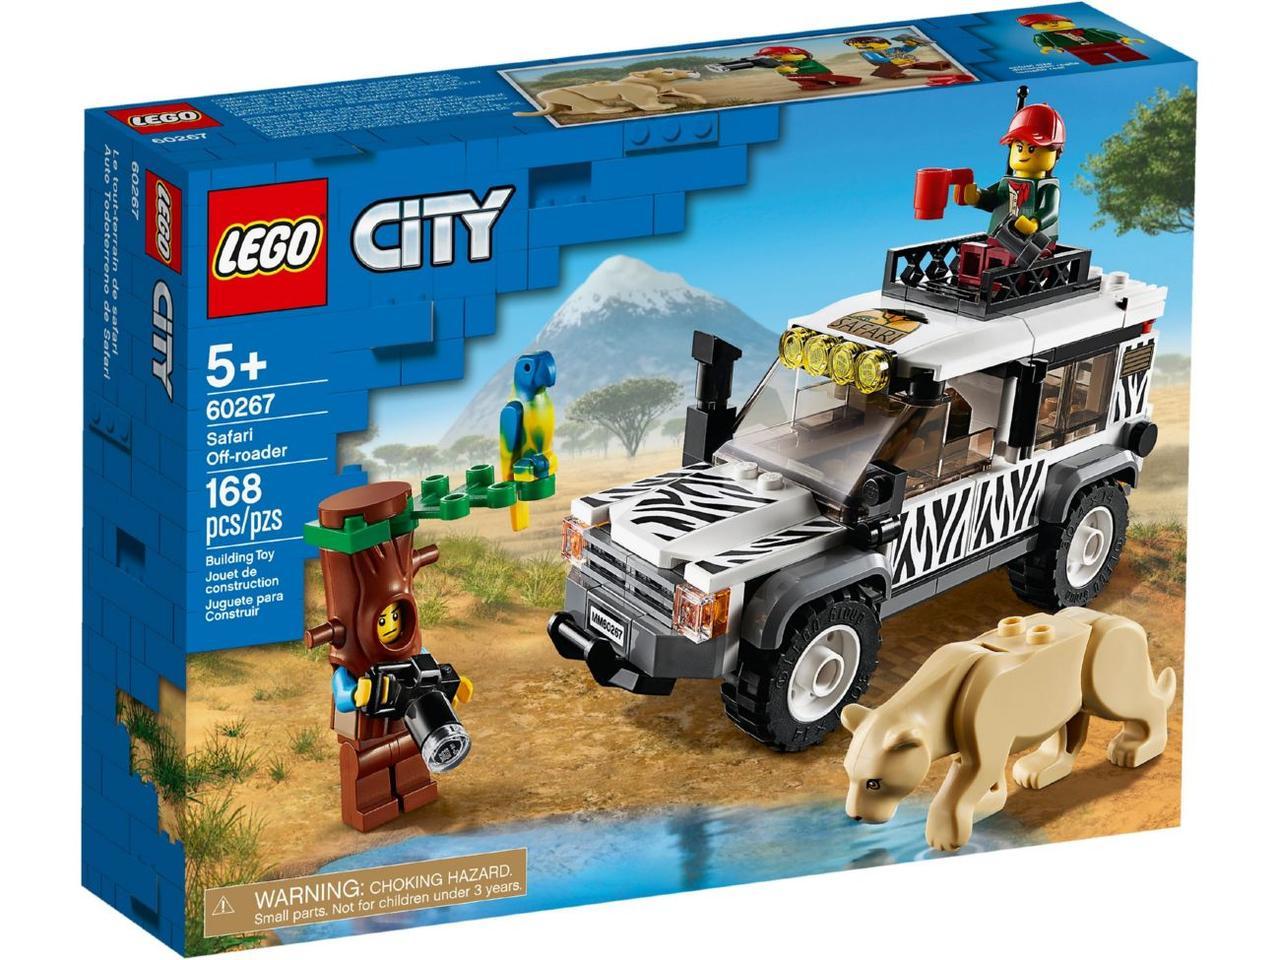 Детский Конструктор Lego City Внедорожник для сафари 60267